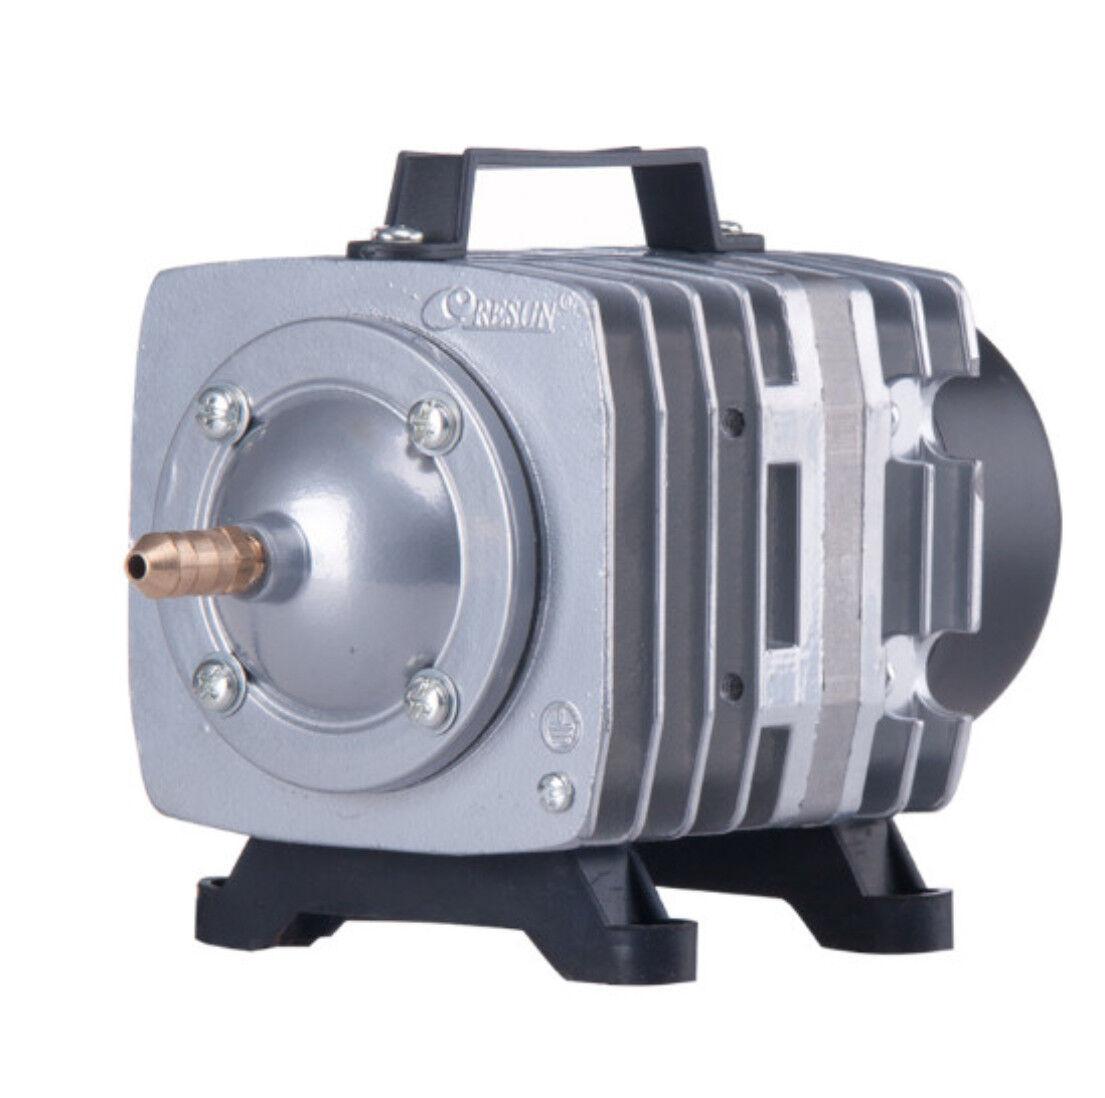 Resun Electromagnetic Air Pump, ACO-004 75L M For Fish Aquarium Koi Hydroponics